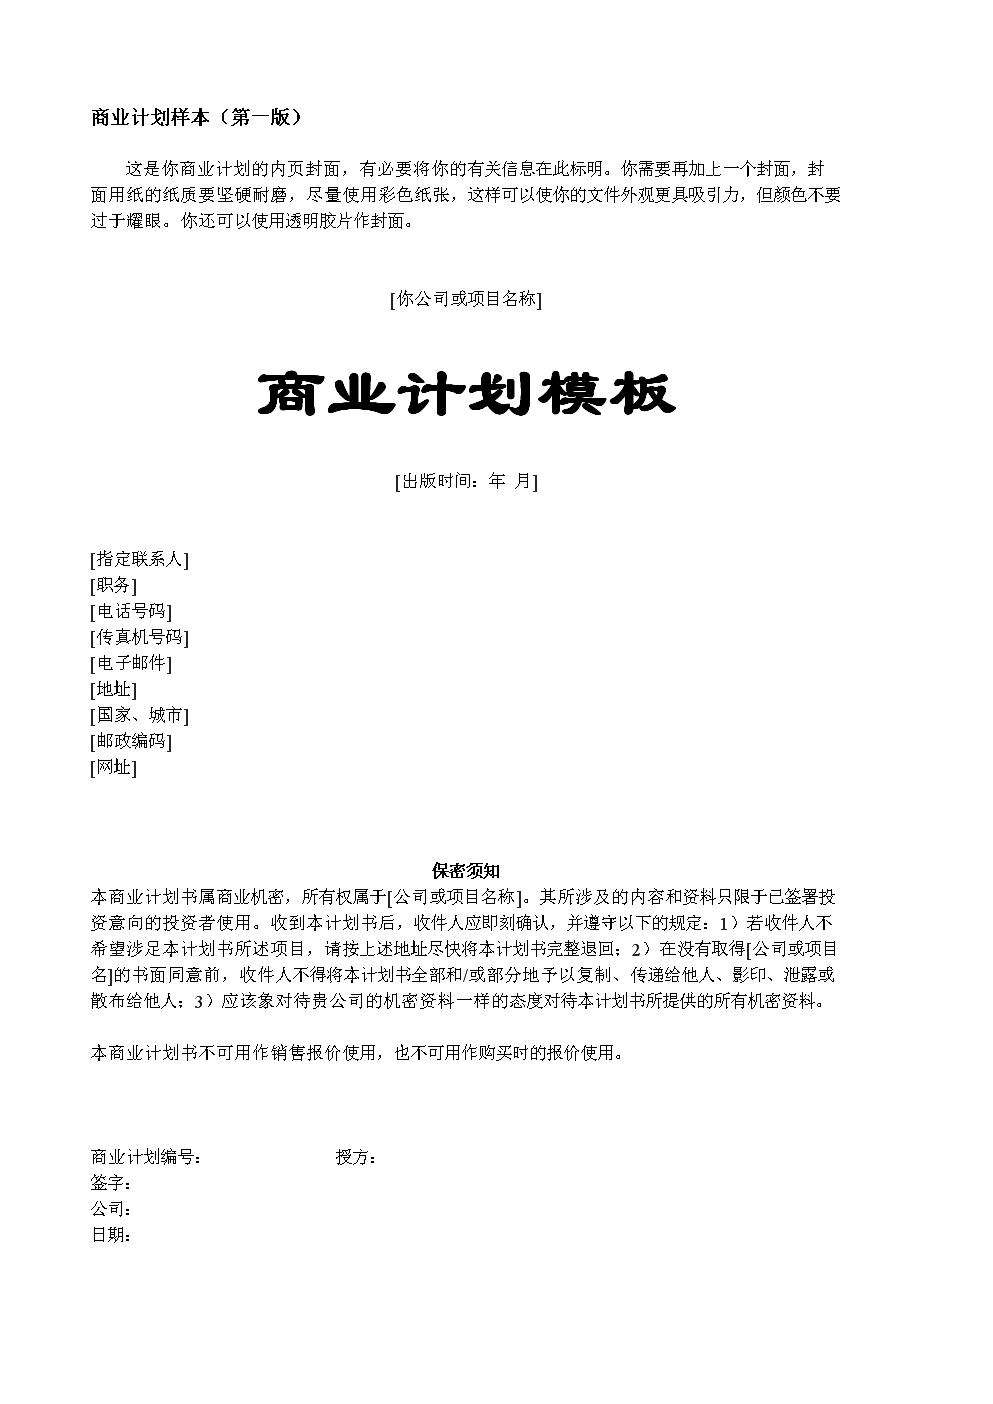 2019年集团公司商业计划书.doc